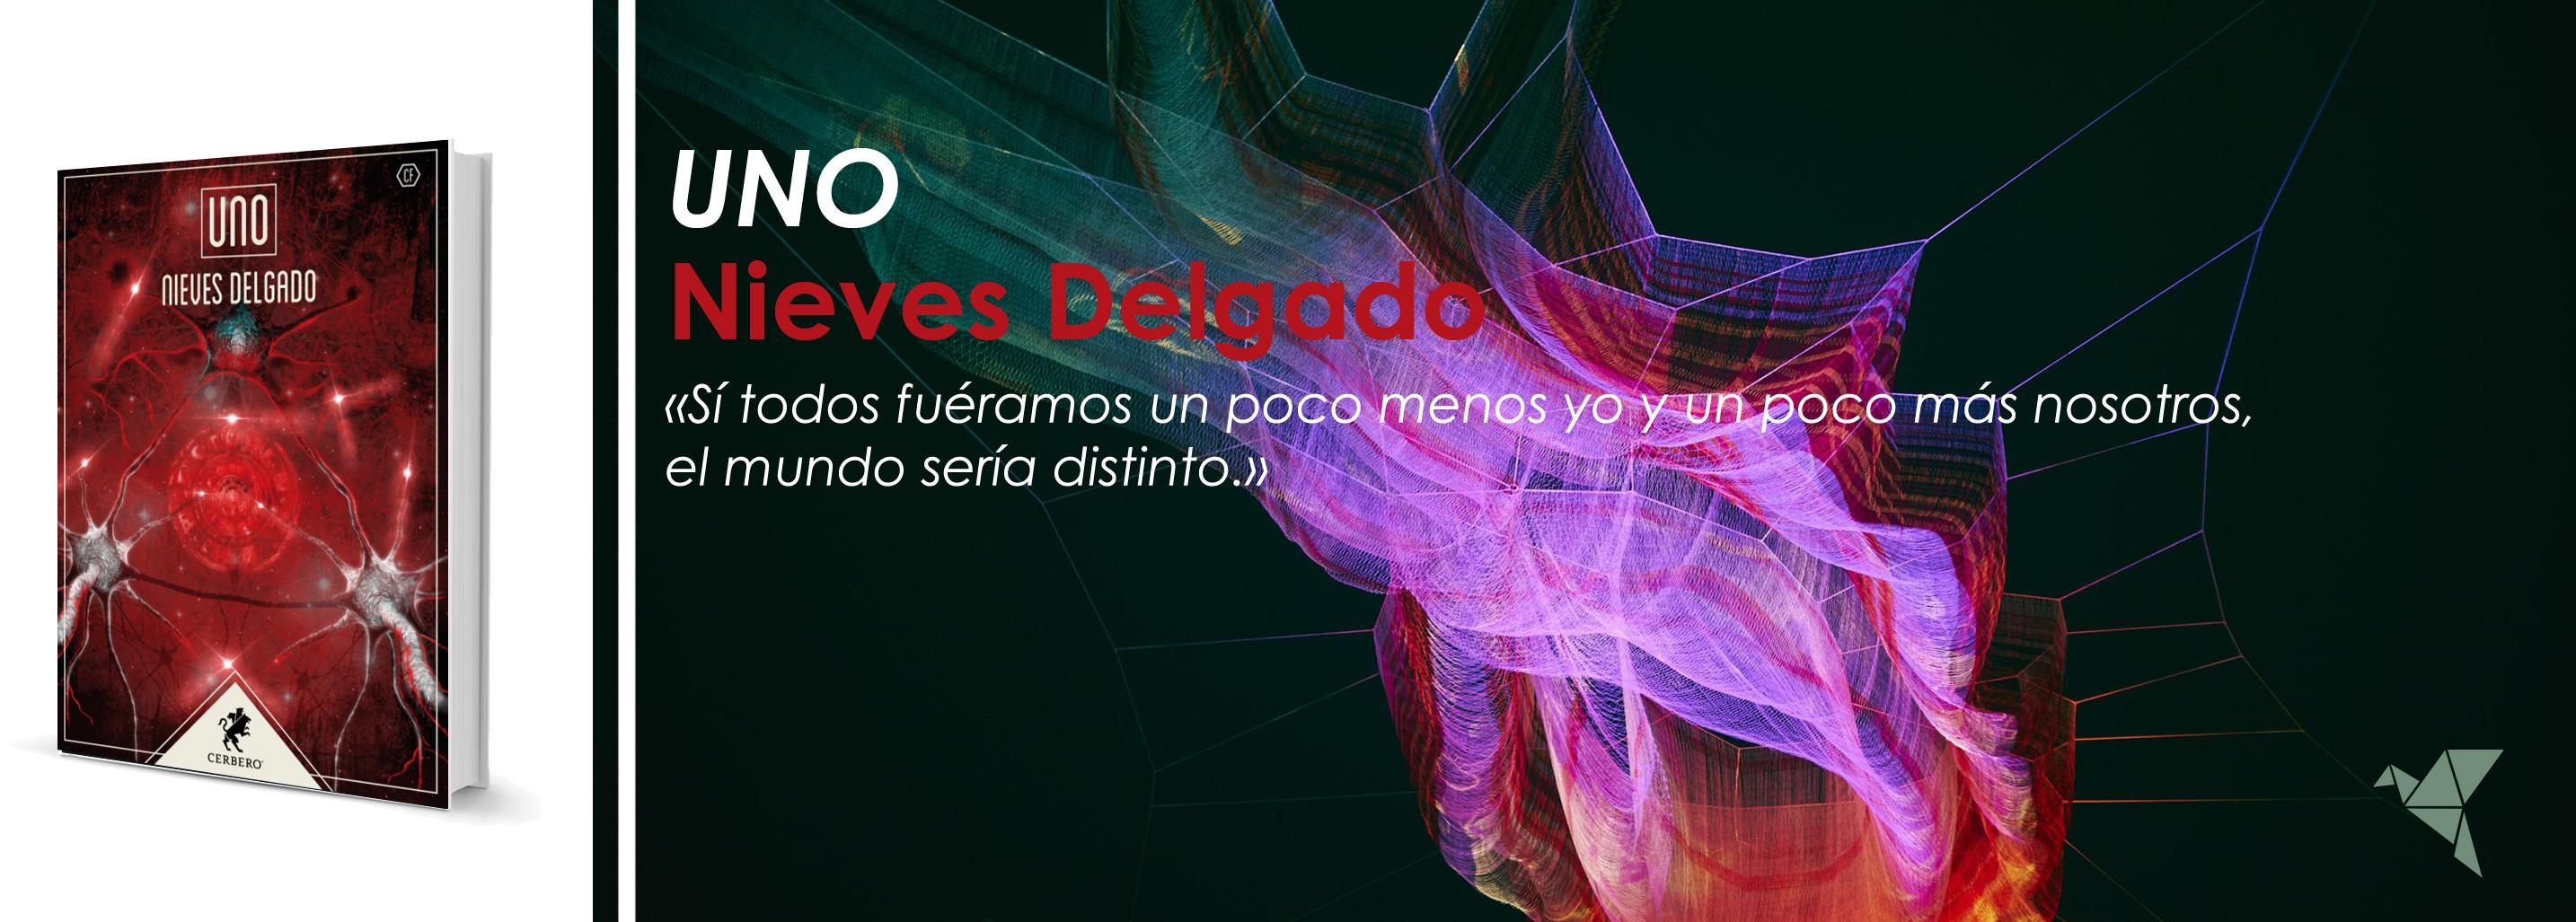 UNO, de Nieves Delgado